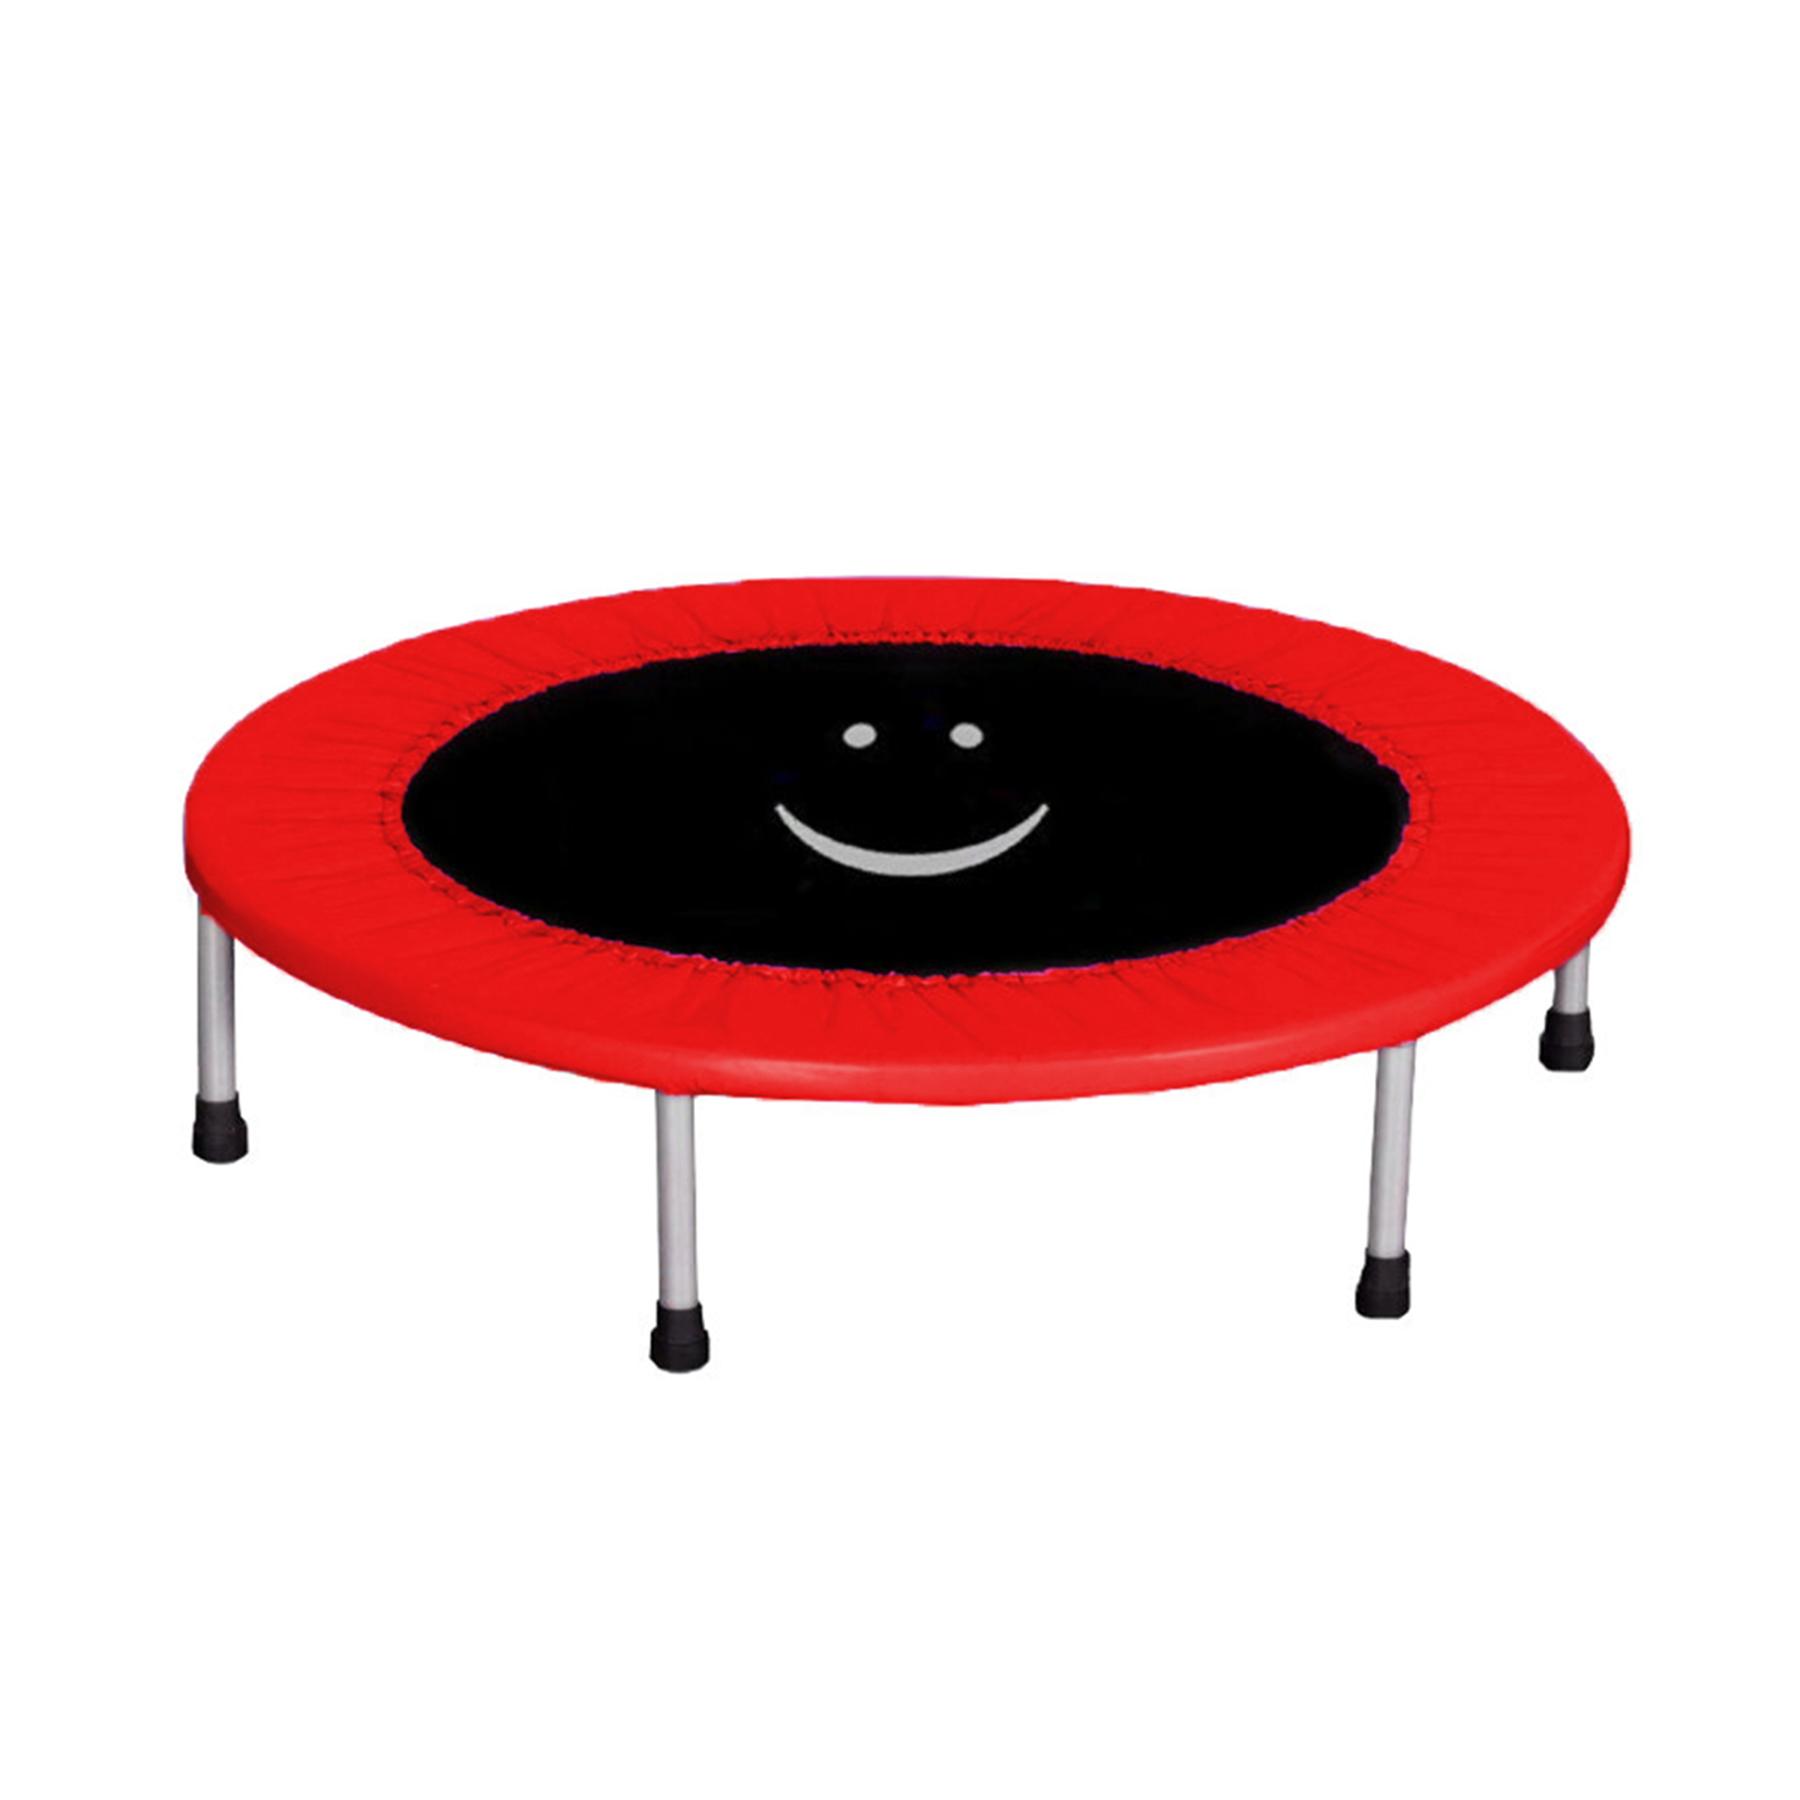 Эллиптический тренажер магнитный BC BE -6700H, макс вес пользователя 120кг* АКЦИЯ!!! 4.8